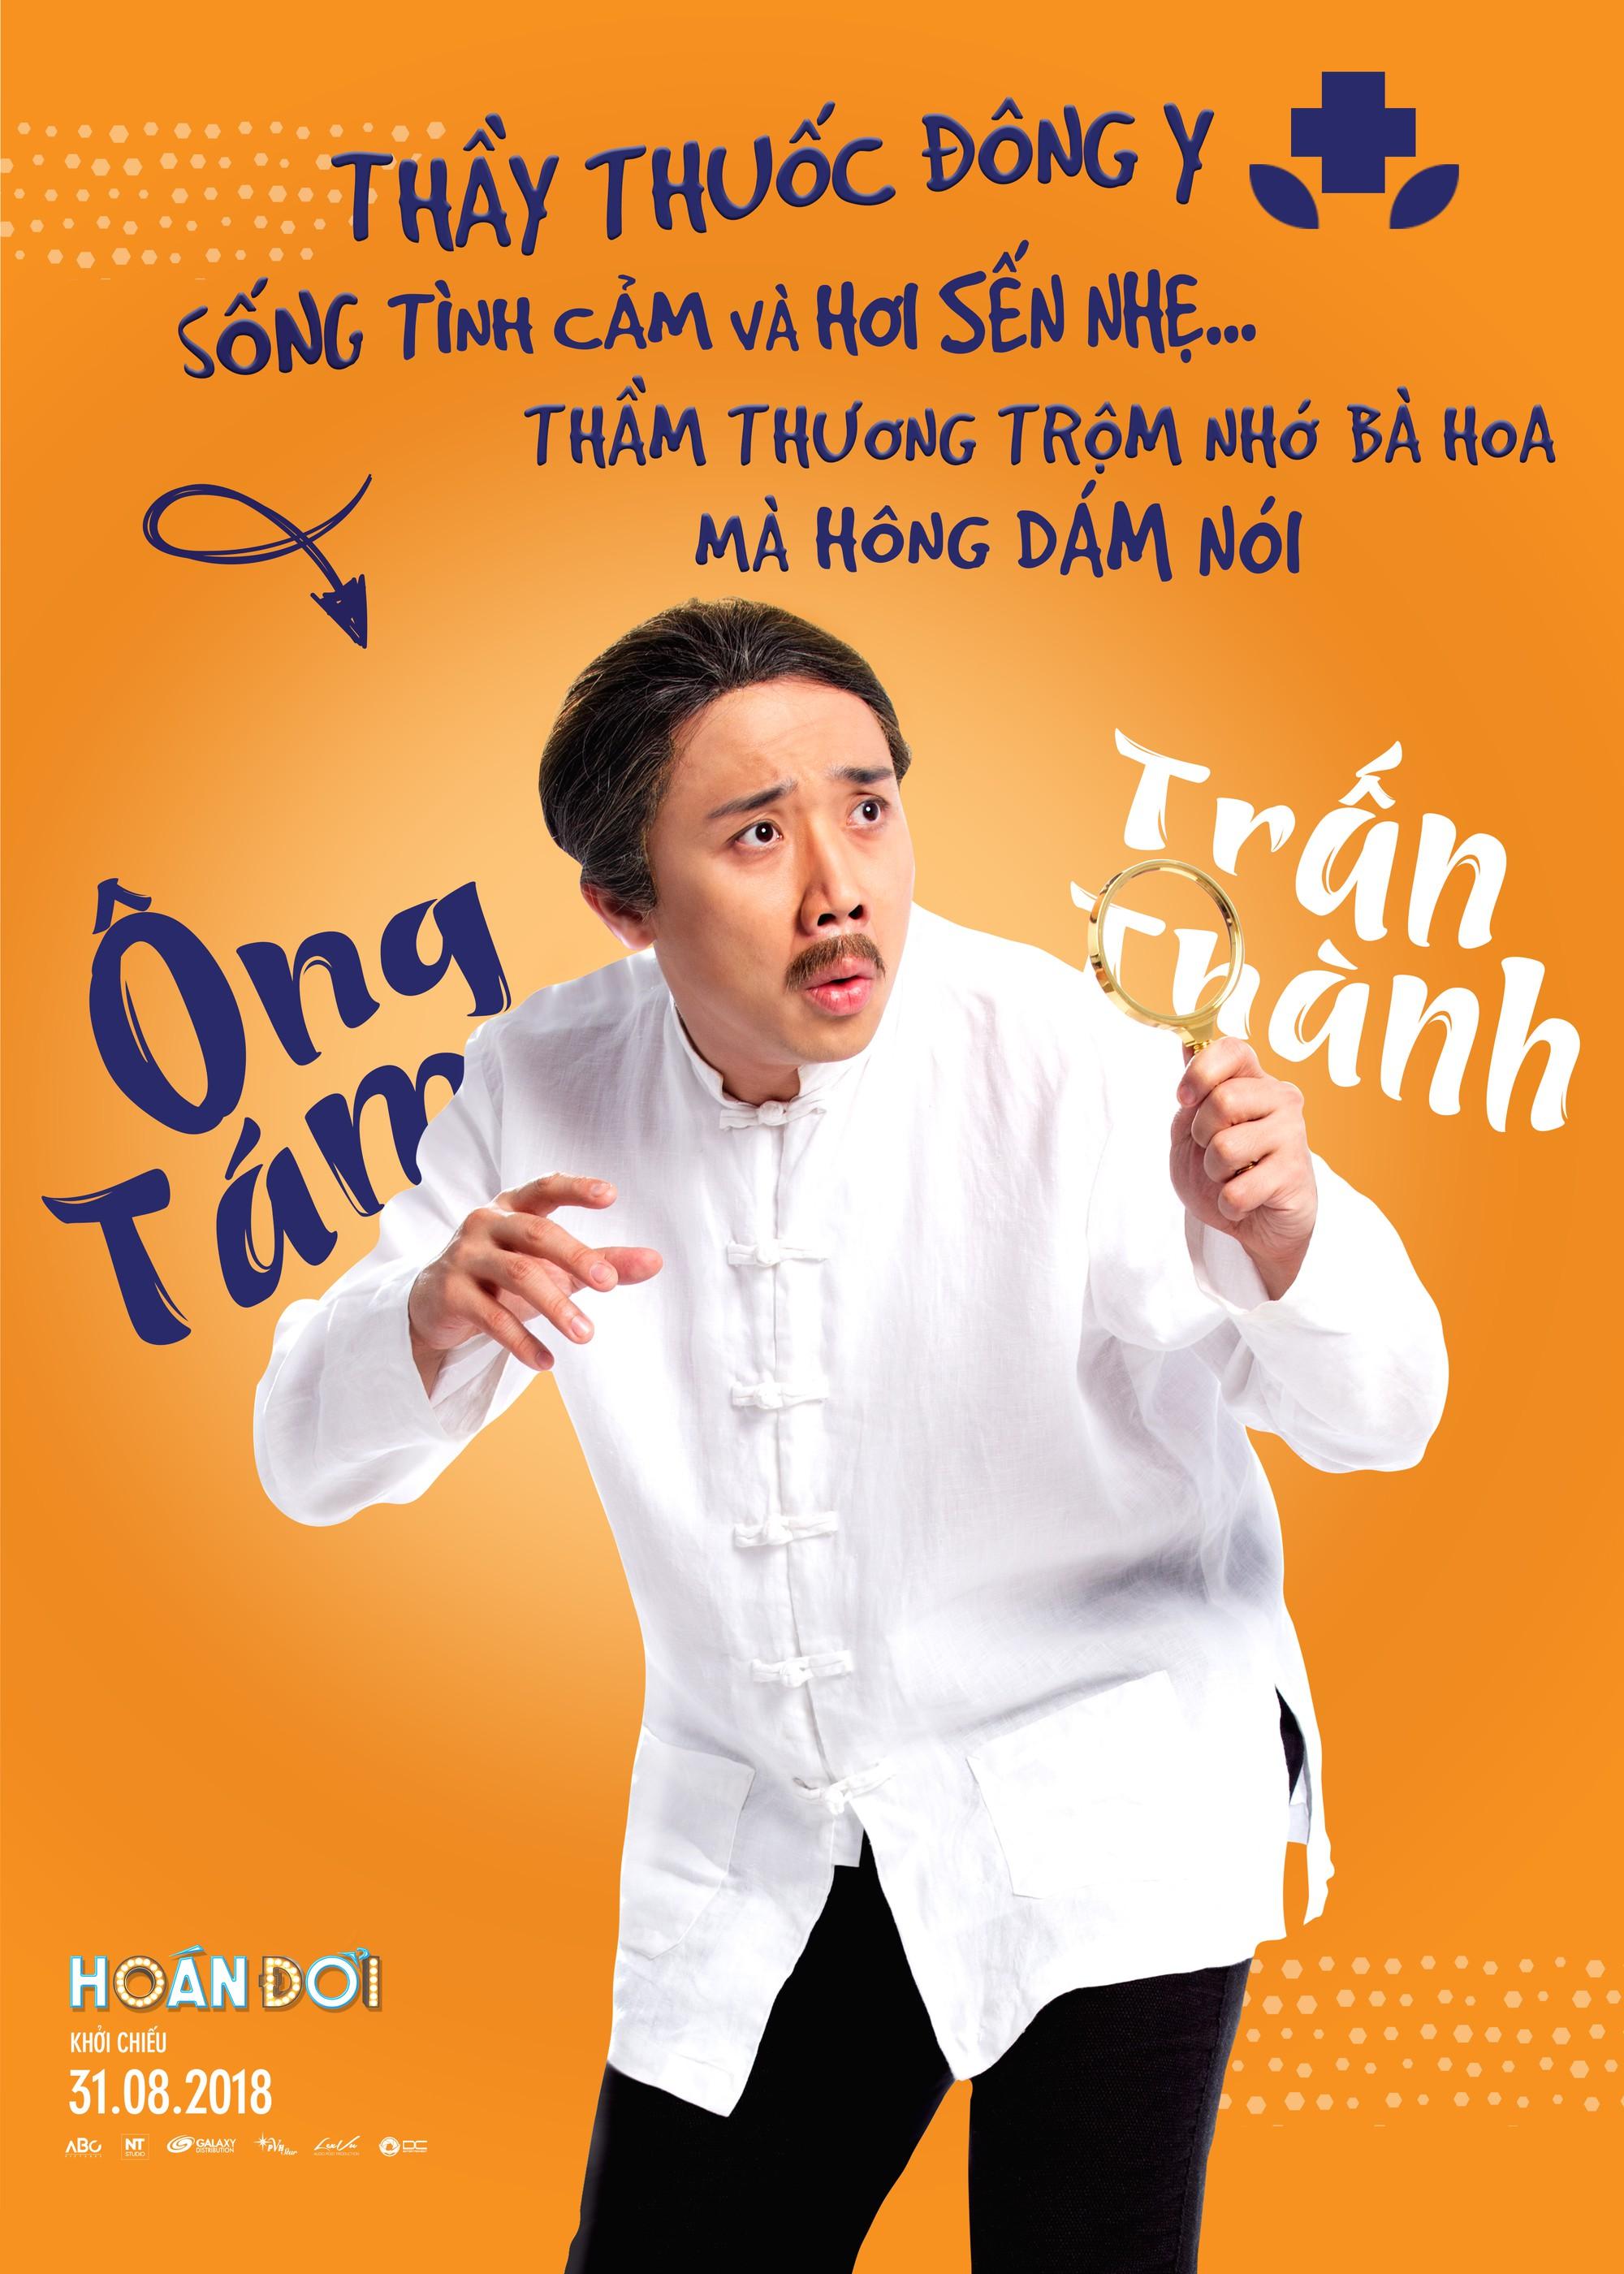 Nhã Phương, Việt Hương xuất hiện với hình ảnh quá sai - Ảnh 5.